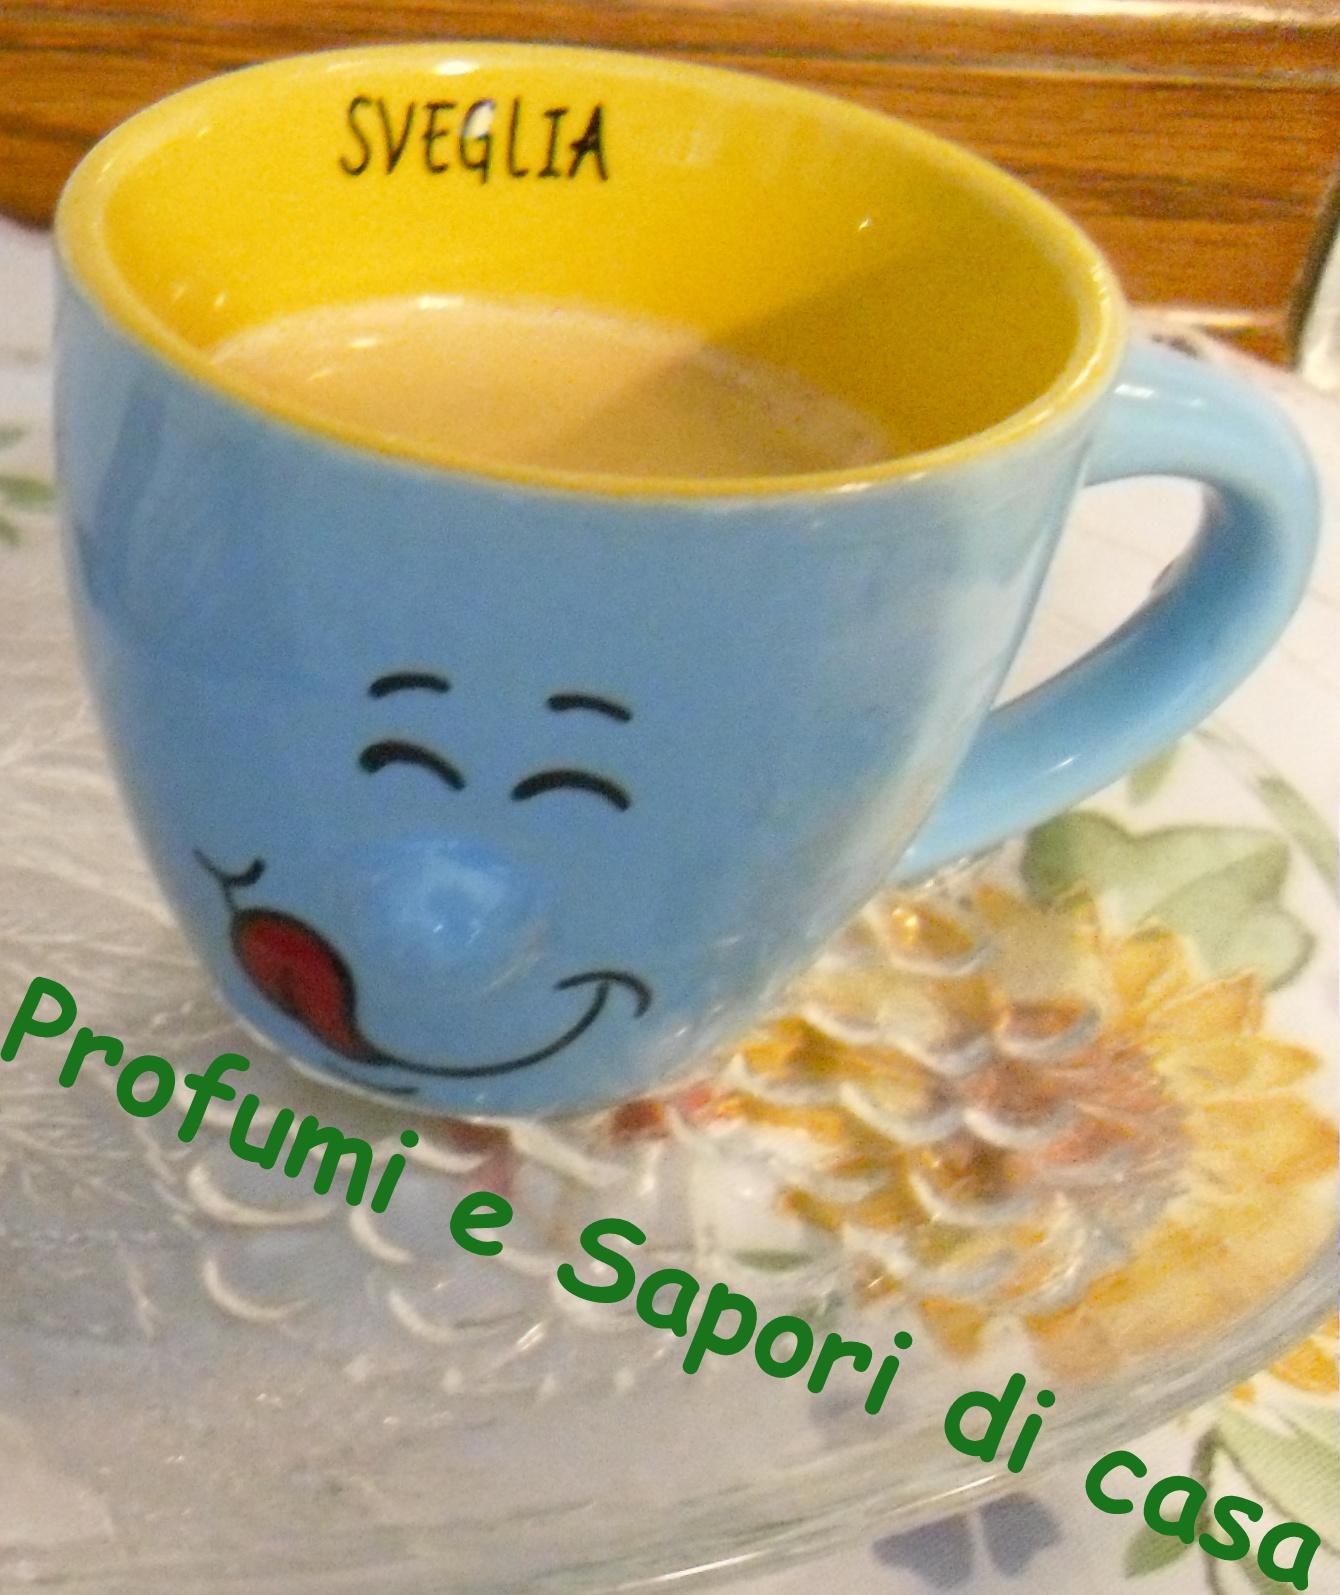 Profumi e sapori di casa la compatibile capsule di caff for Casa francese di abiti e profumi